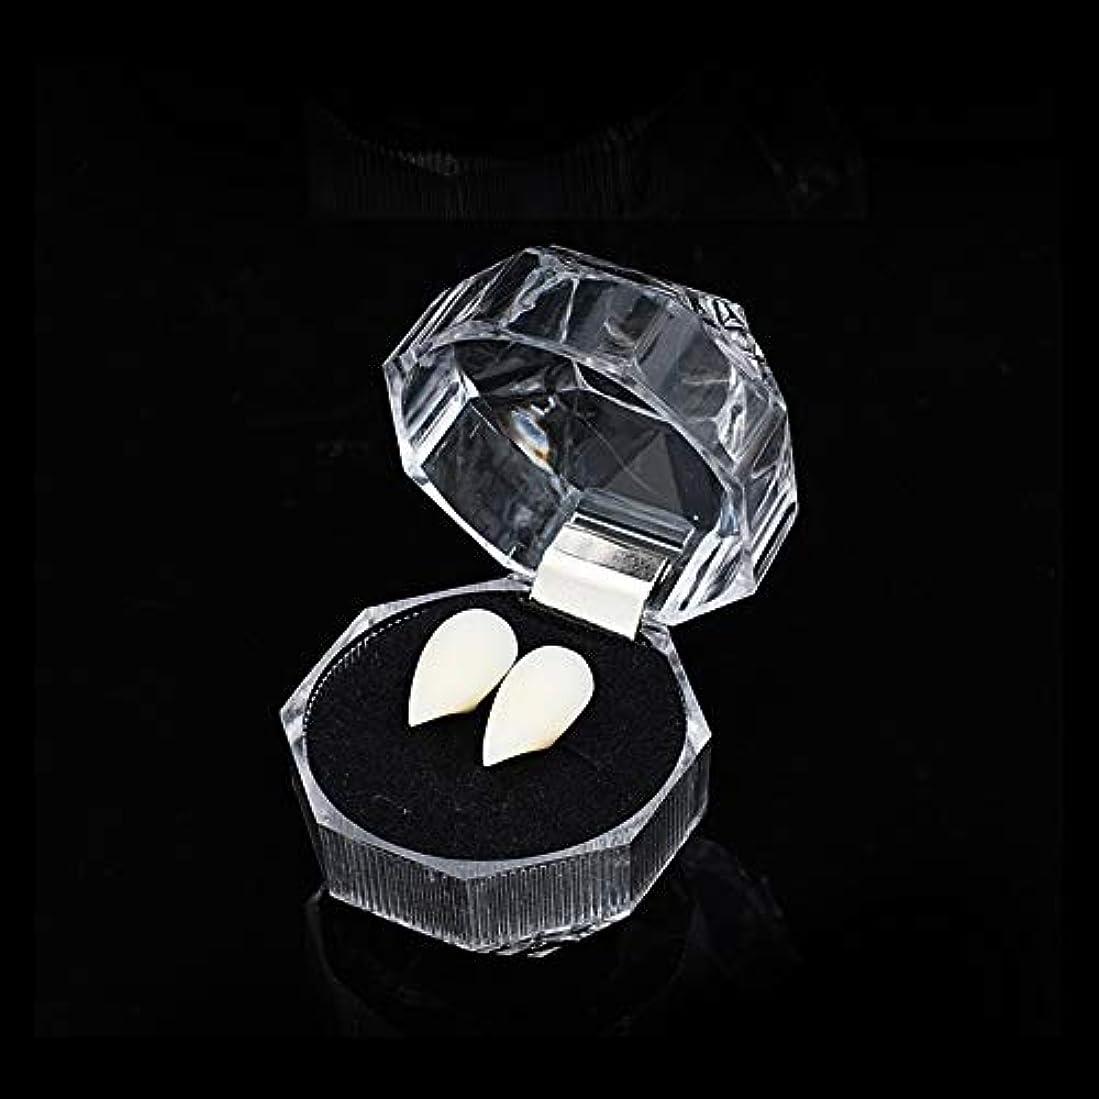 小説勇気のあるパトワ2ピースユニセックスハロウィーン義歯仮面舞踏会の小道具、ロールプレイング偽歯幽霊(13 mm、15 mm、17 mm、19 mm),17mm